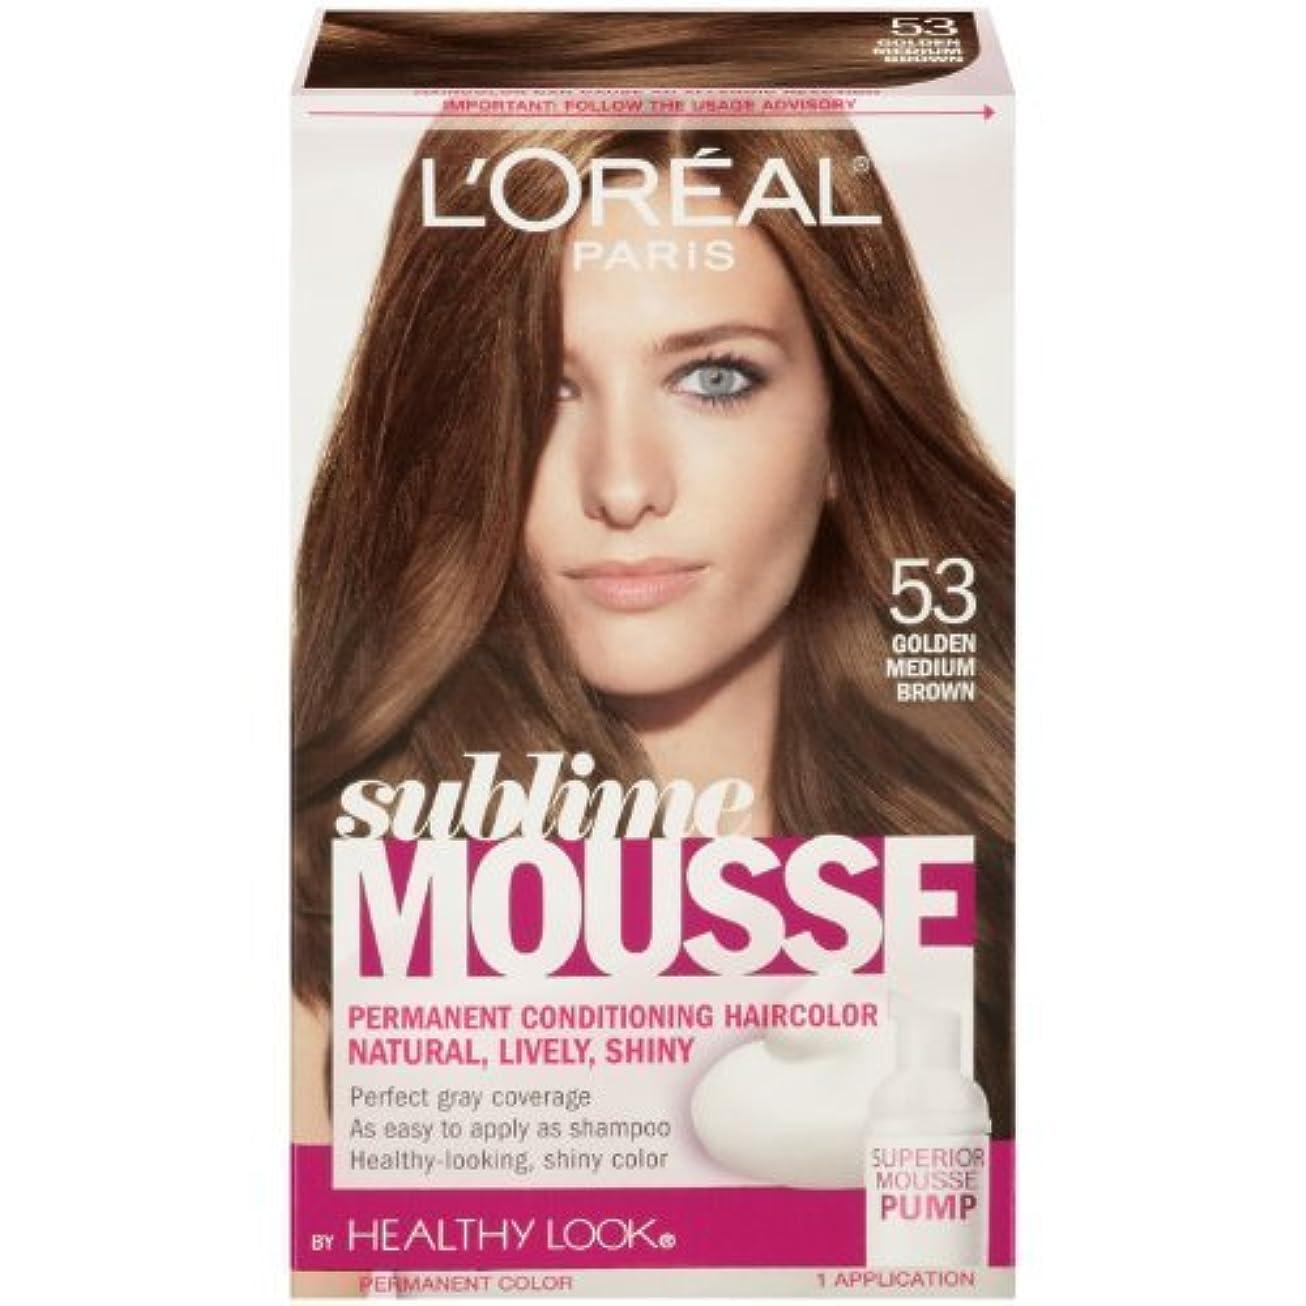 すり減る醜いパンサーL'Oreal Paris Sublime Mousse by Healthy Look Hair Color, 53 Golden Medium Brown by SUBLIME MOUSSE [並行輸入品]